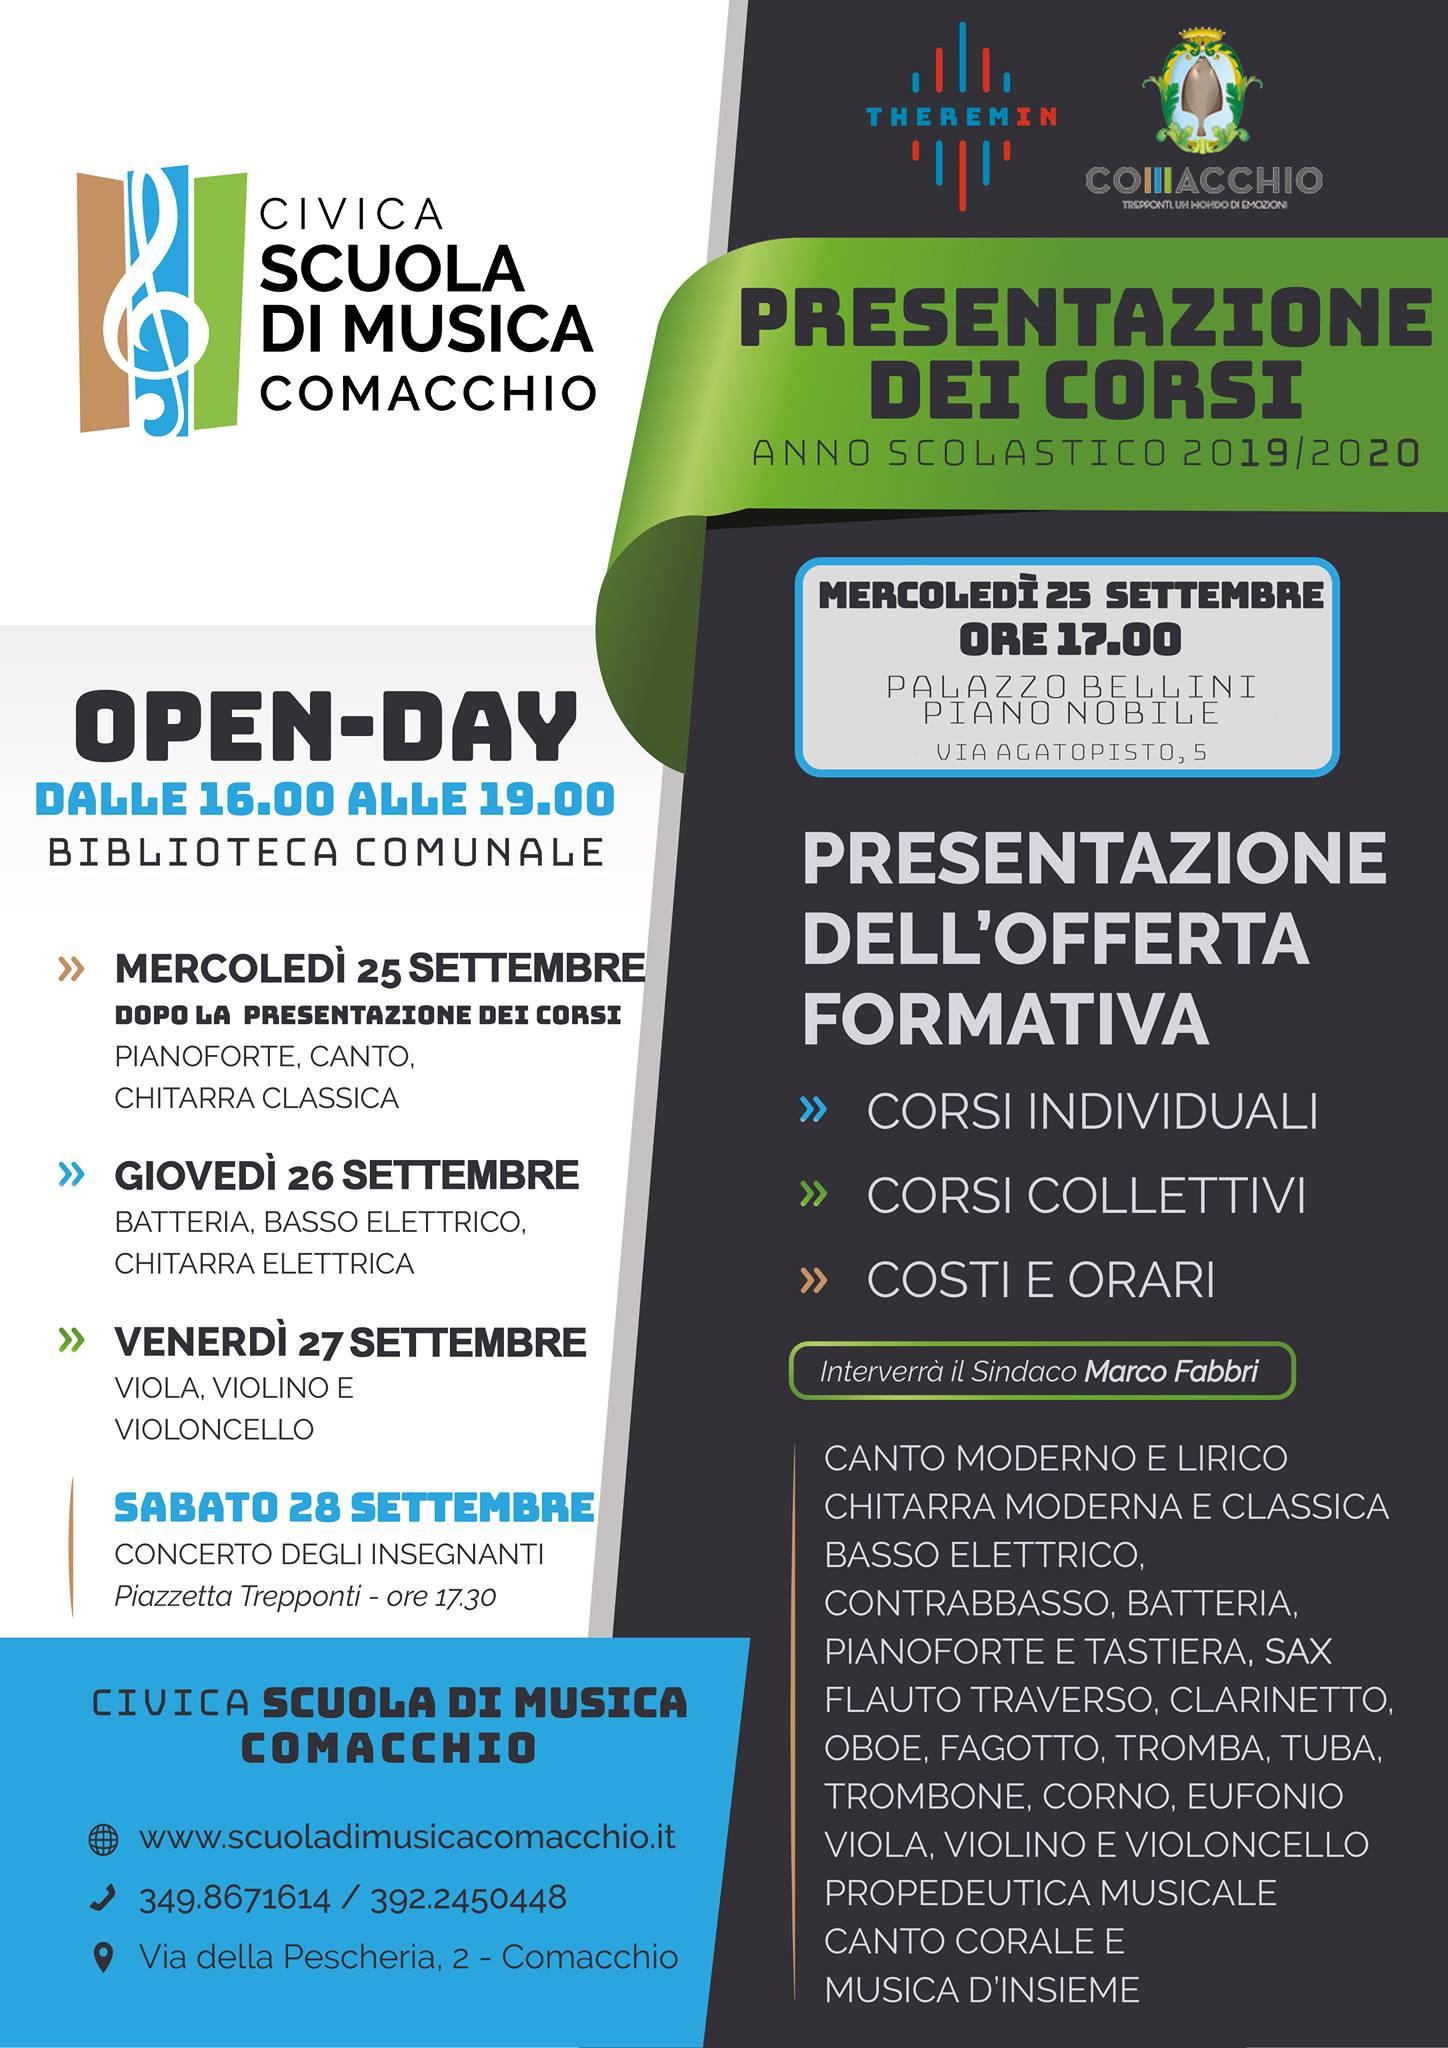 Locandina Presentazione e Open Day Comacchio